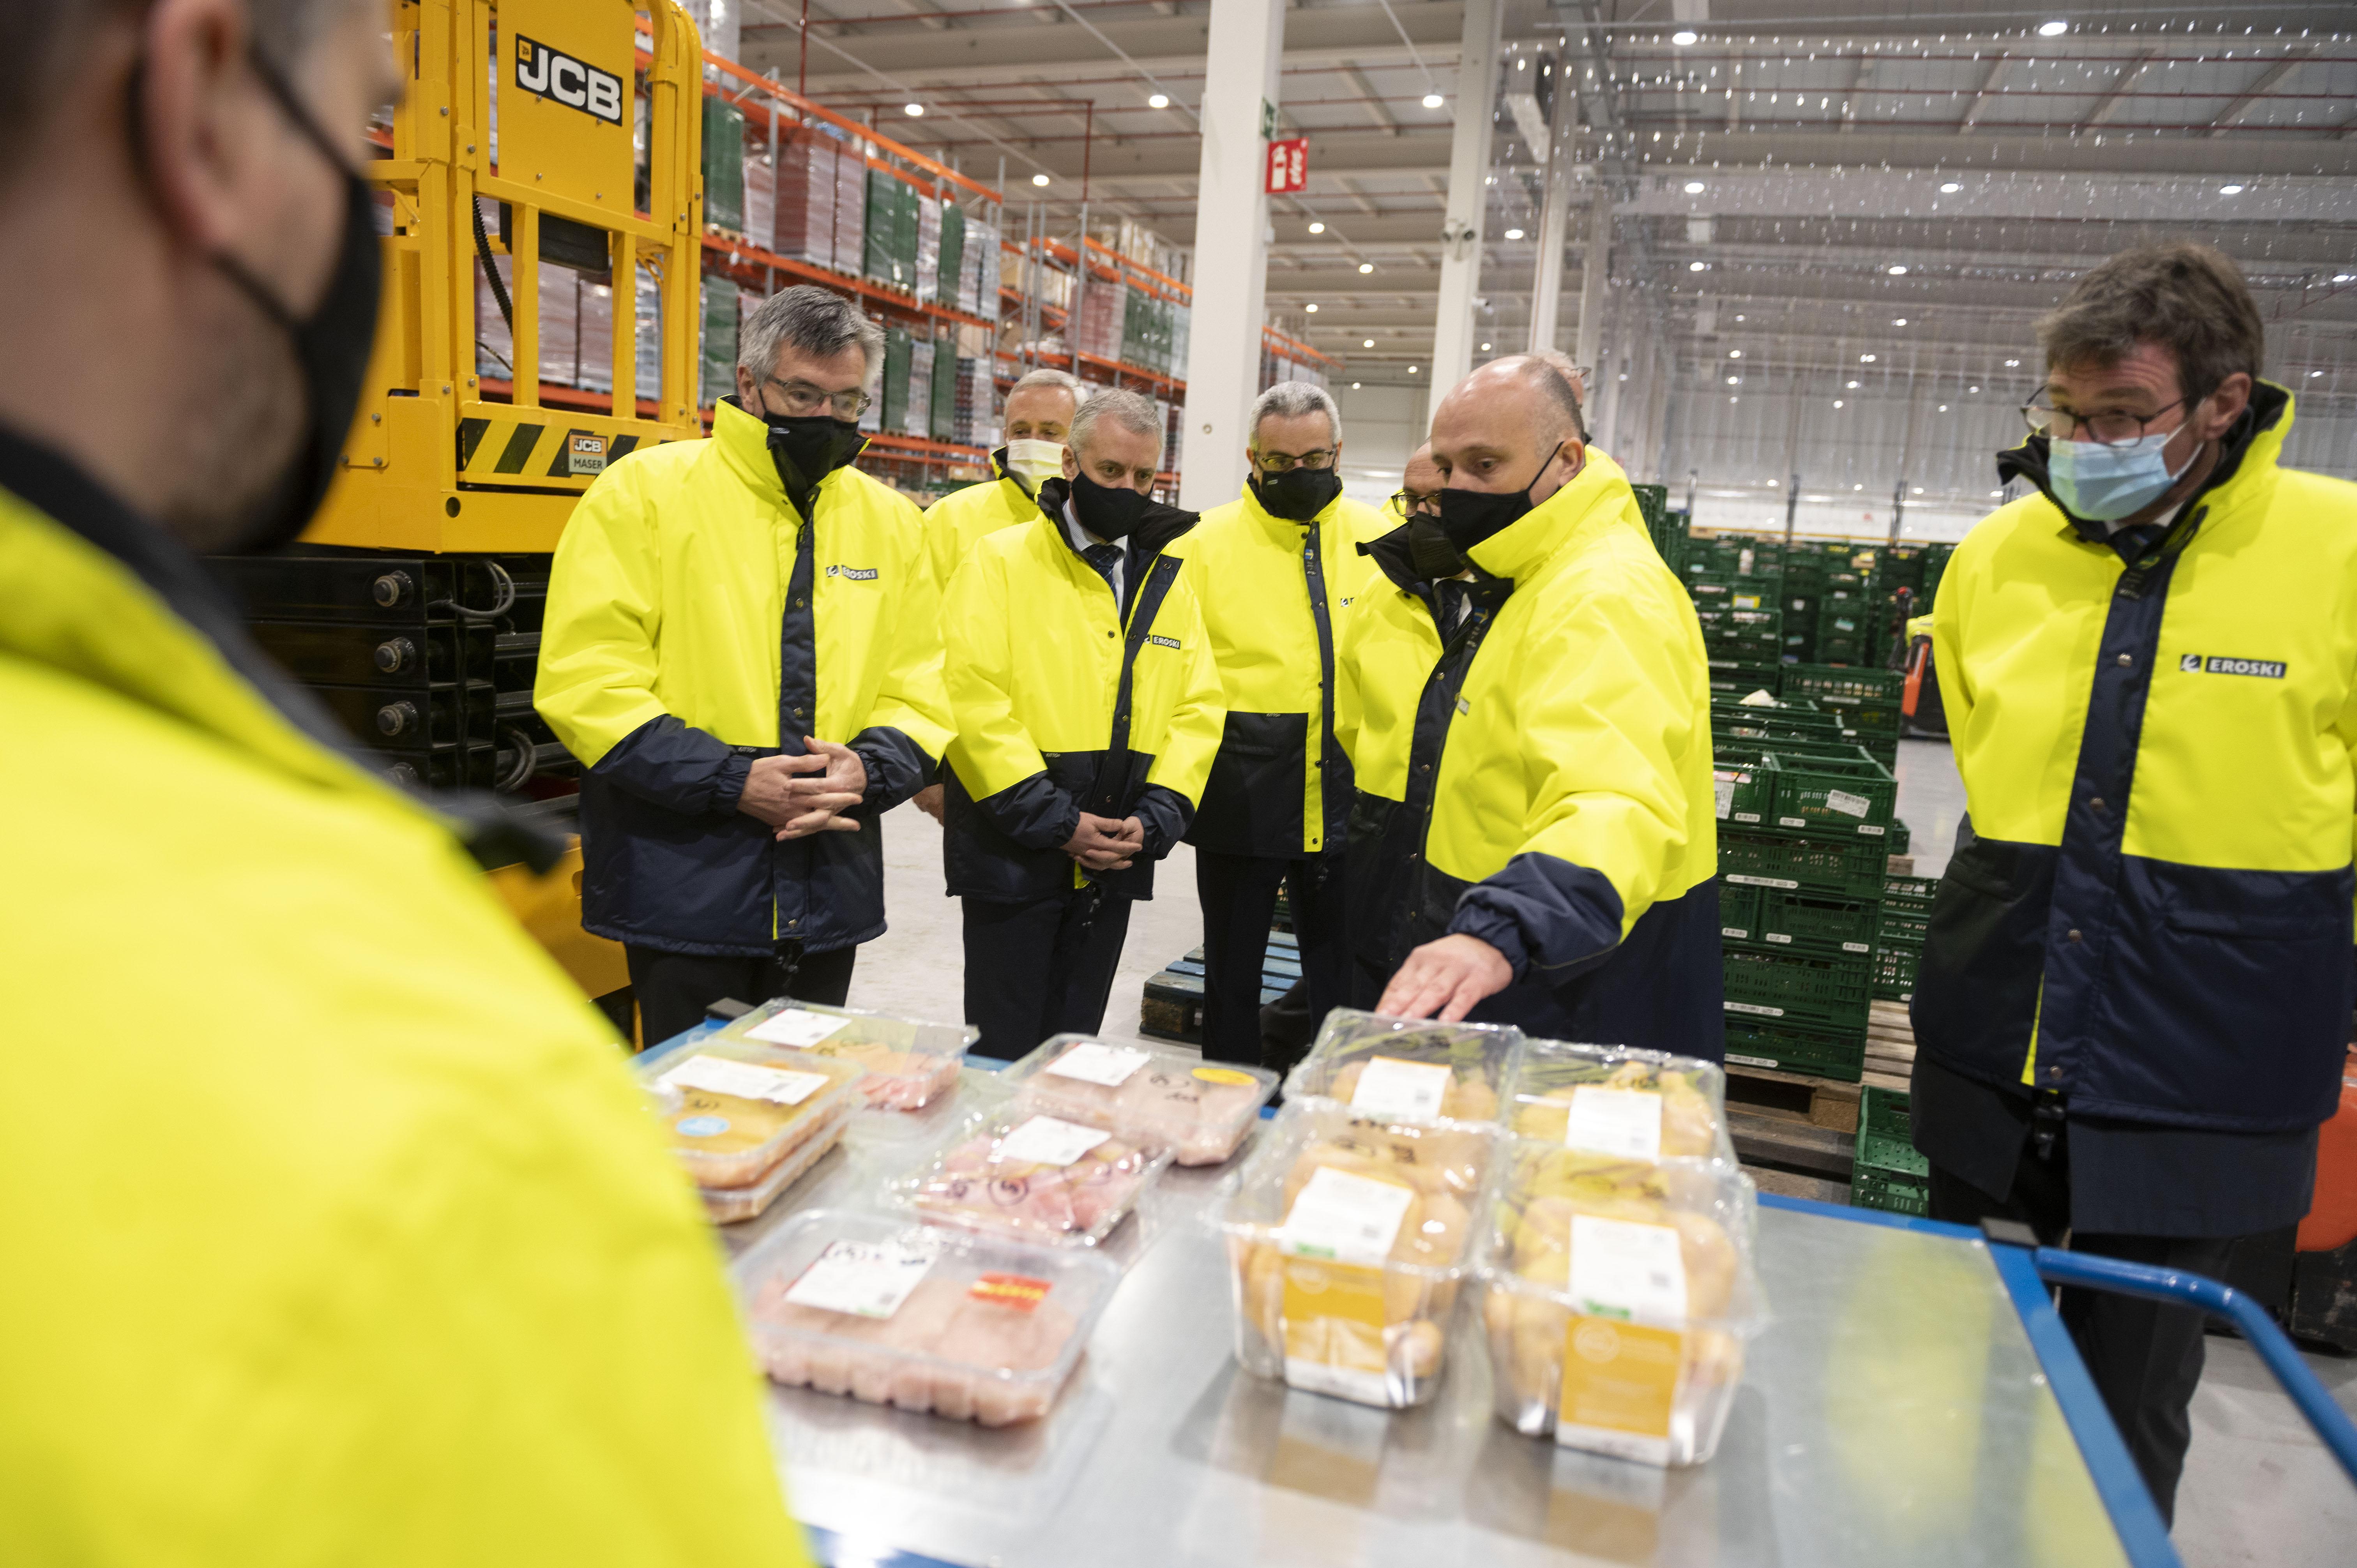 El Lehendakari inaugura la nueva plataforma de distribución de productos frescos de Eroski [6:59]